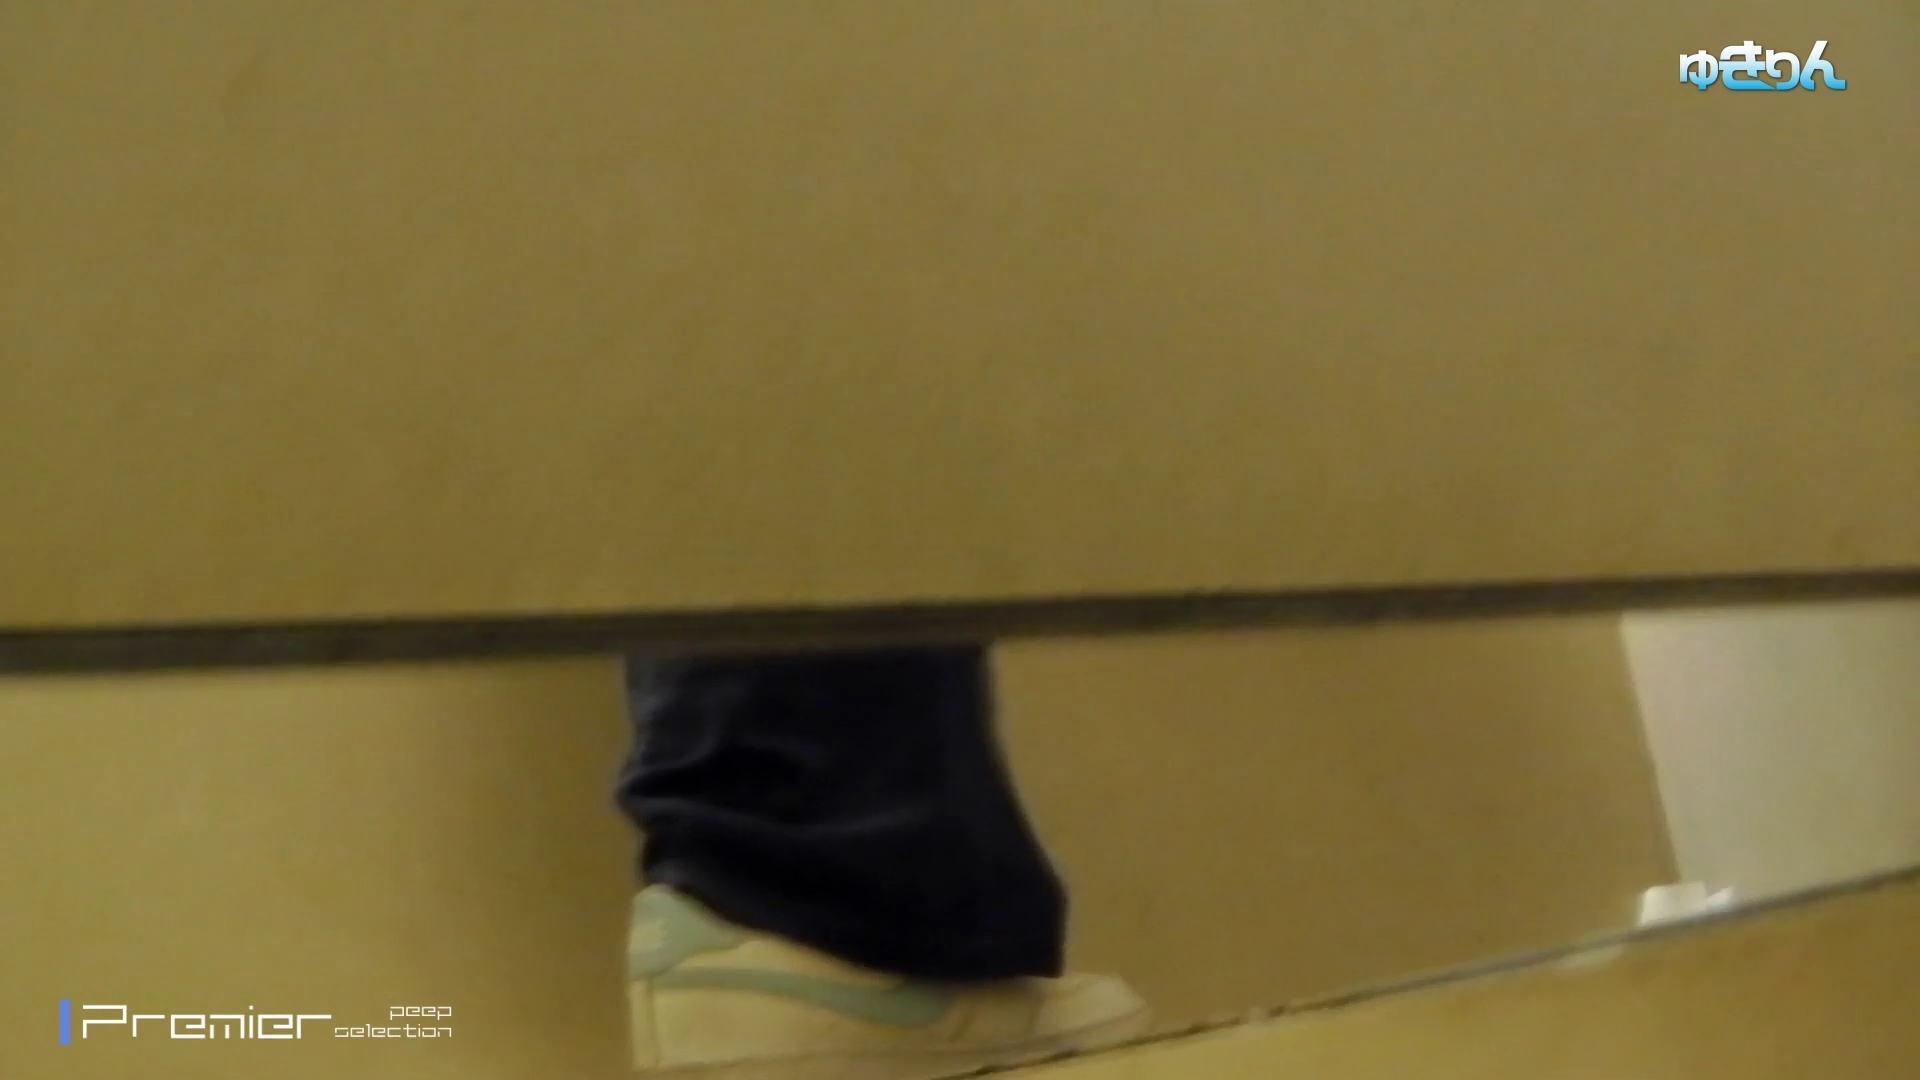 新世界の射窓 No88 必見スニーカーで壁を超える長身!!美女3人 美女達のヌード   洗面所着替え  51連発 6